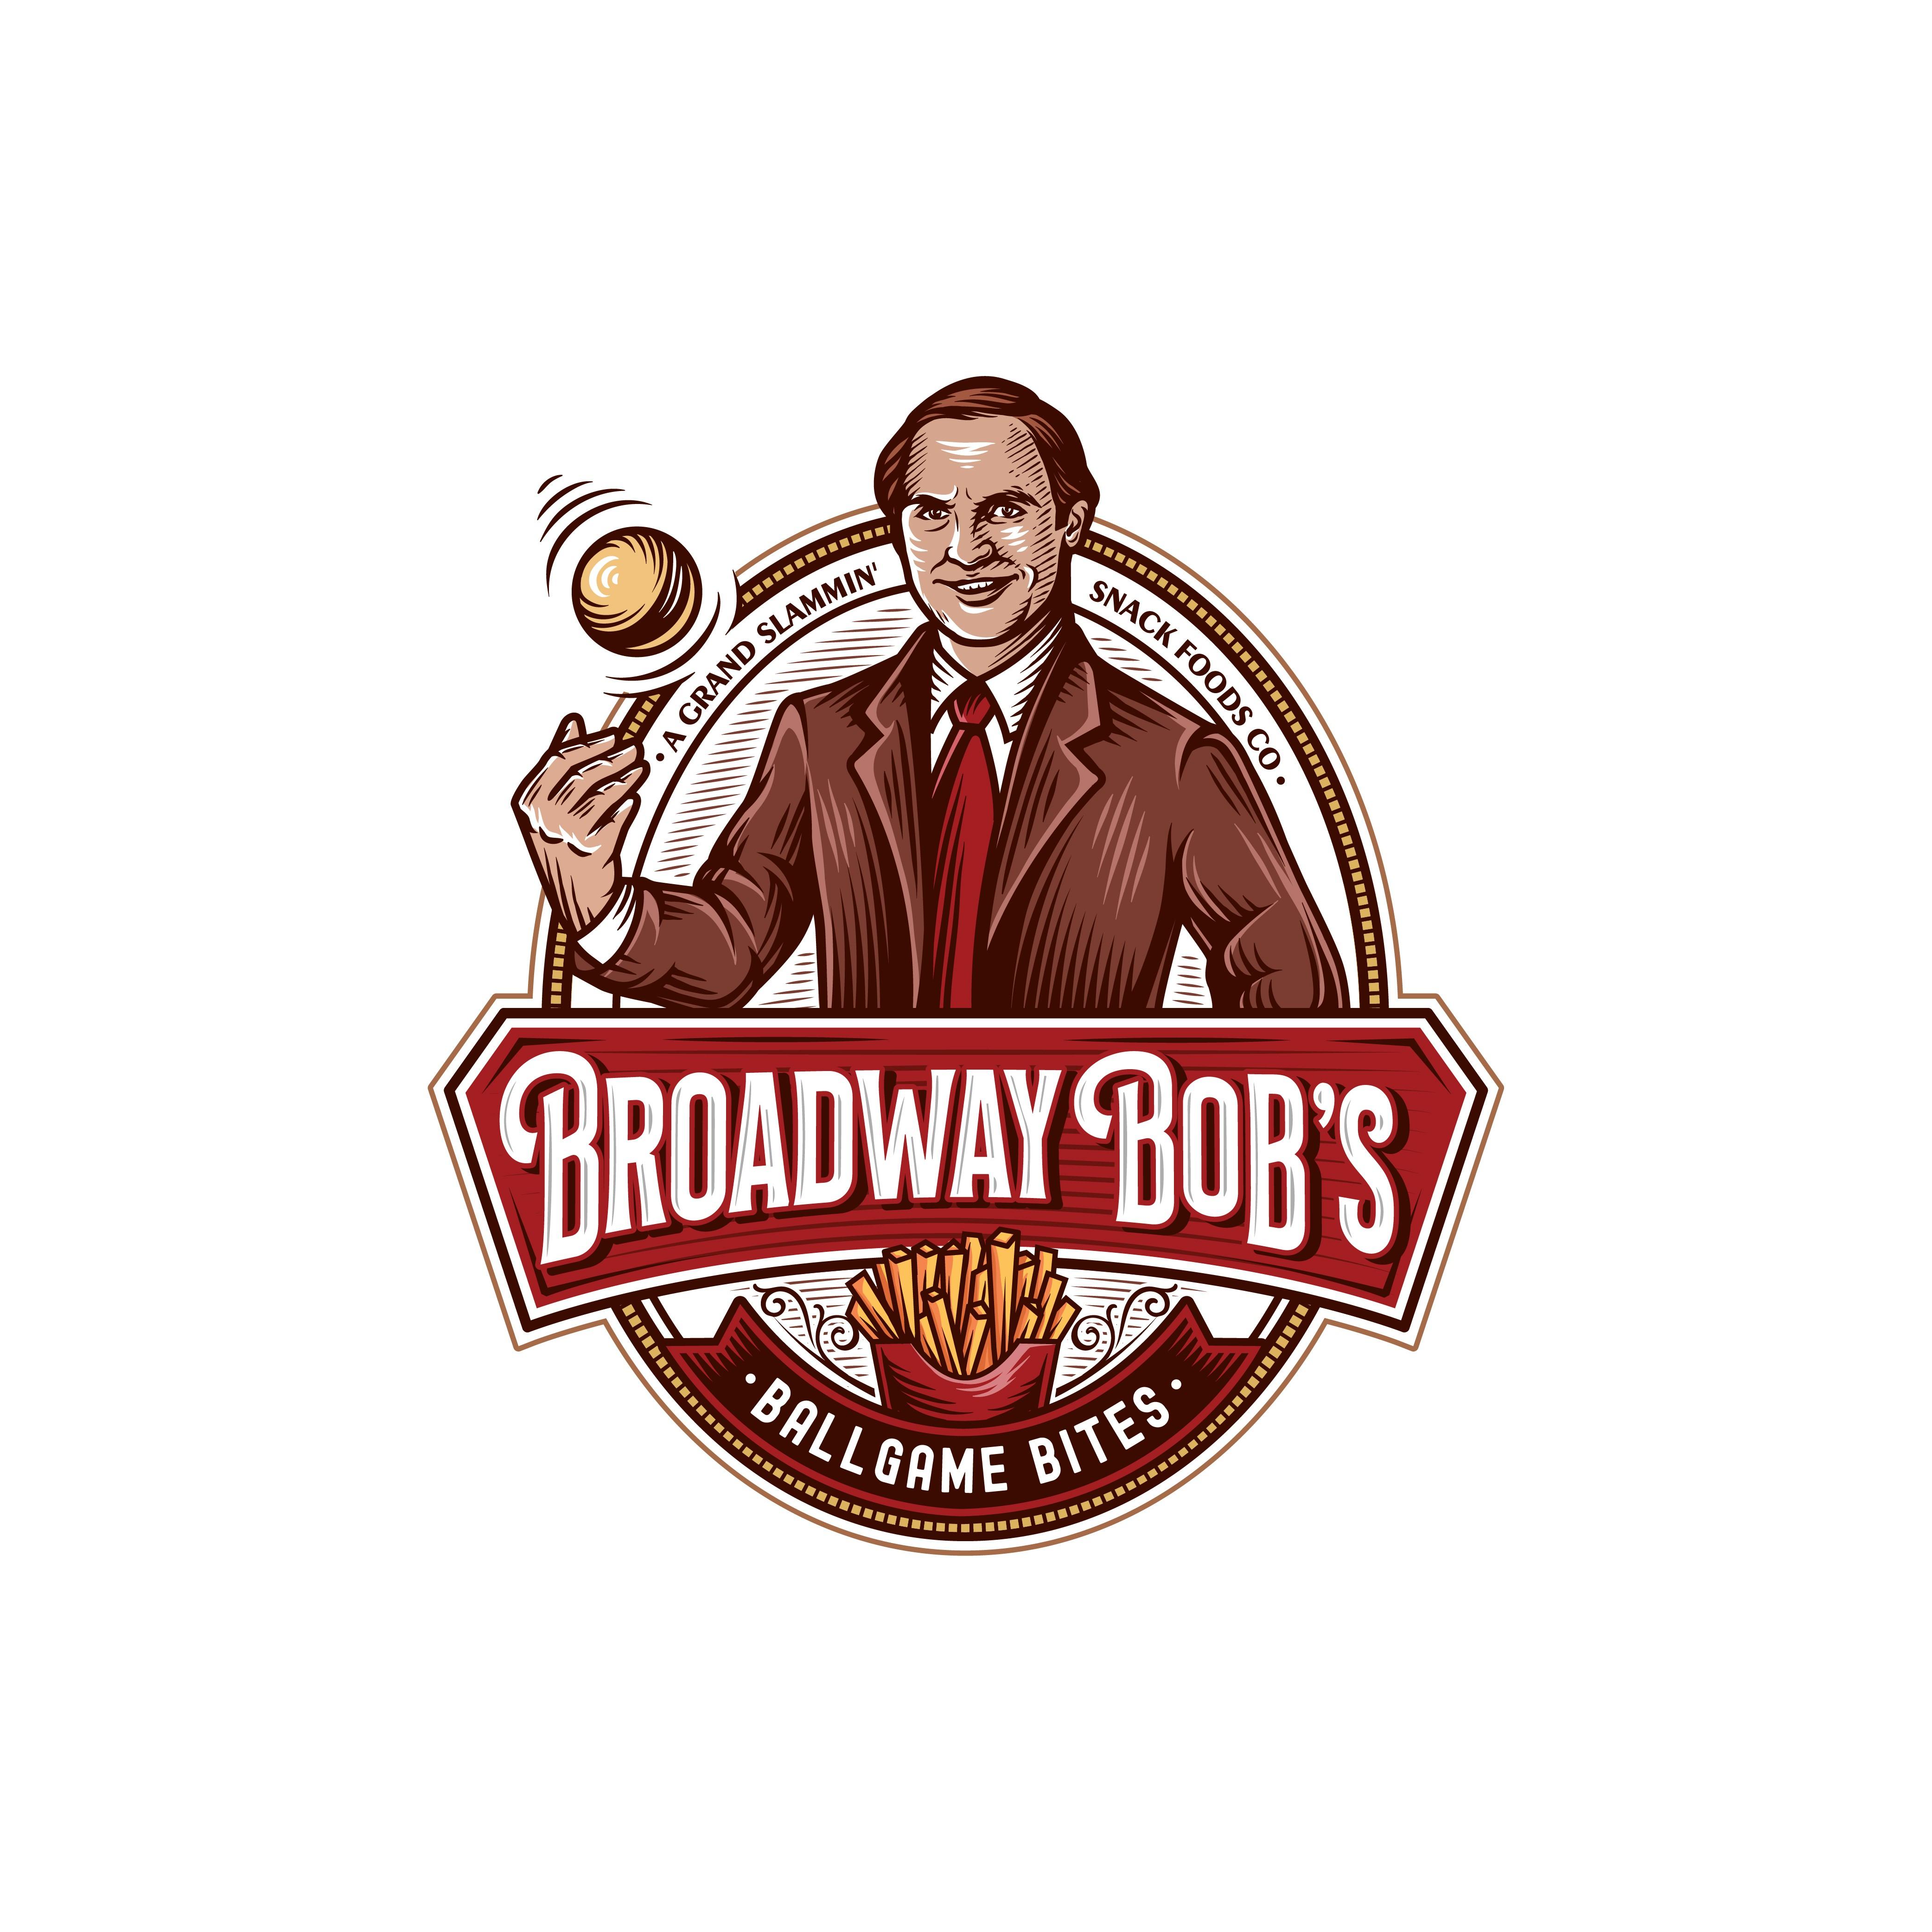 Broadway Bob's Ballgame Bites